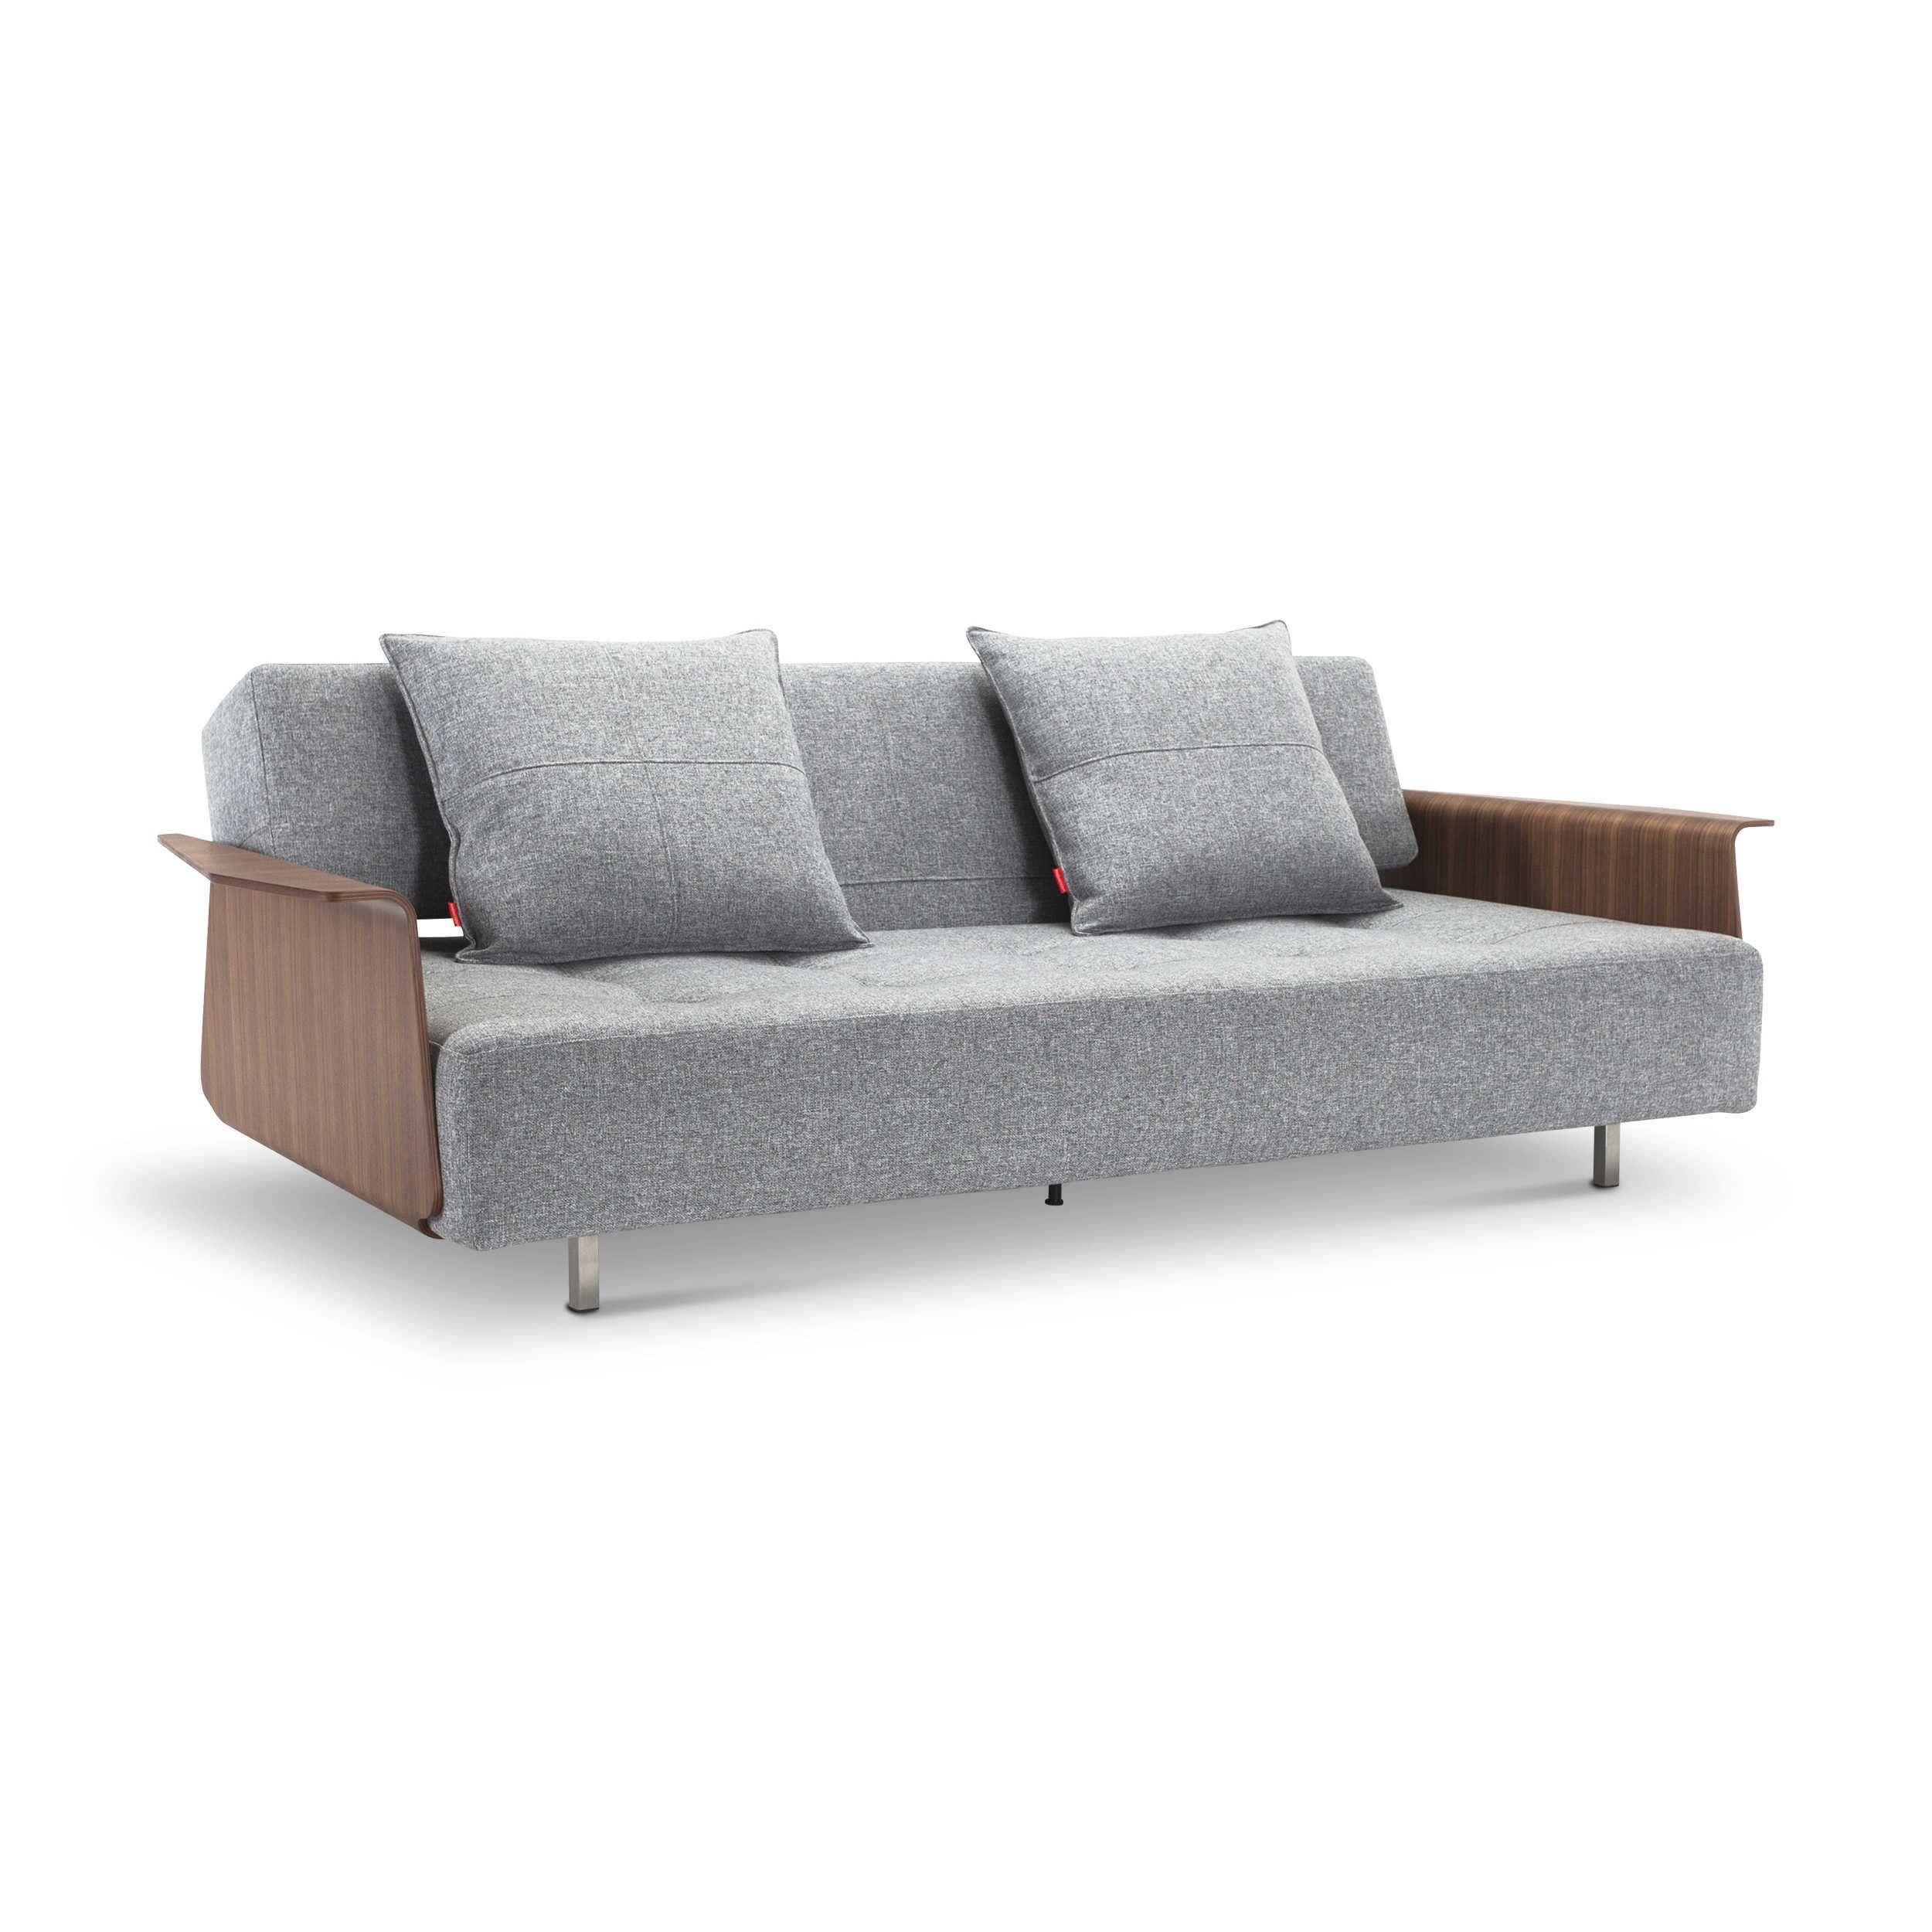 Top Ergebnis 10 Einzigartig sofa Breite Liegefläche Foto 2018 Zzt4